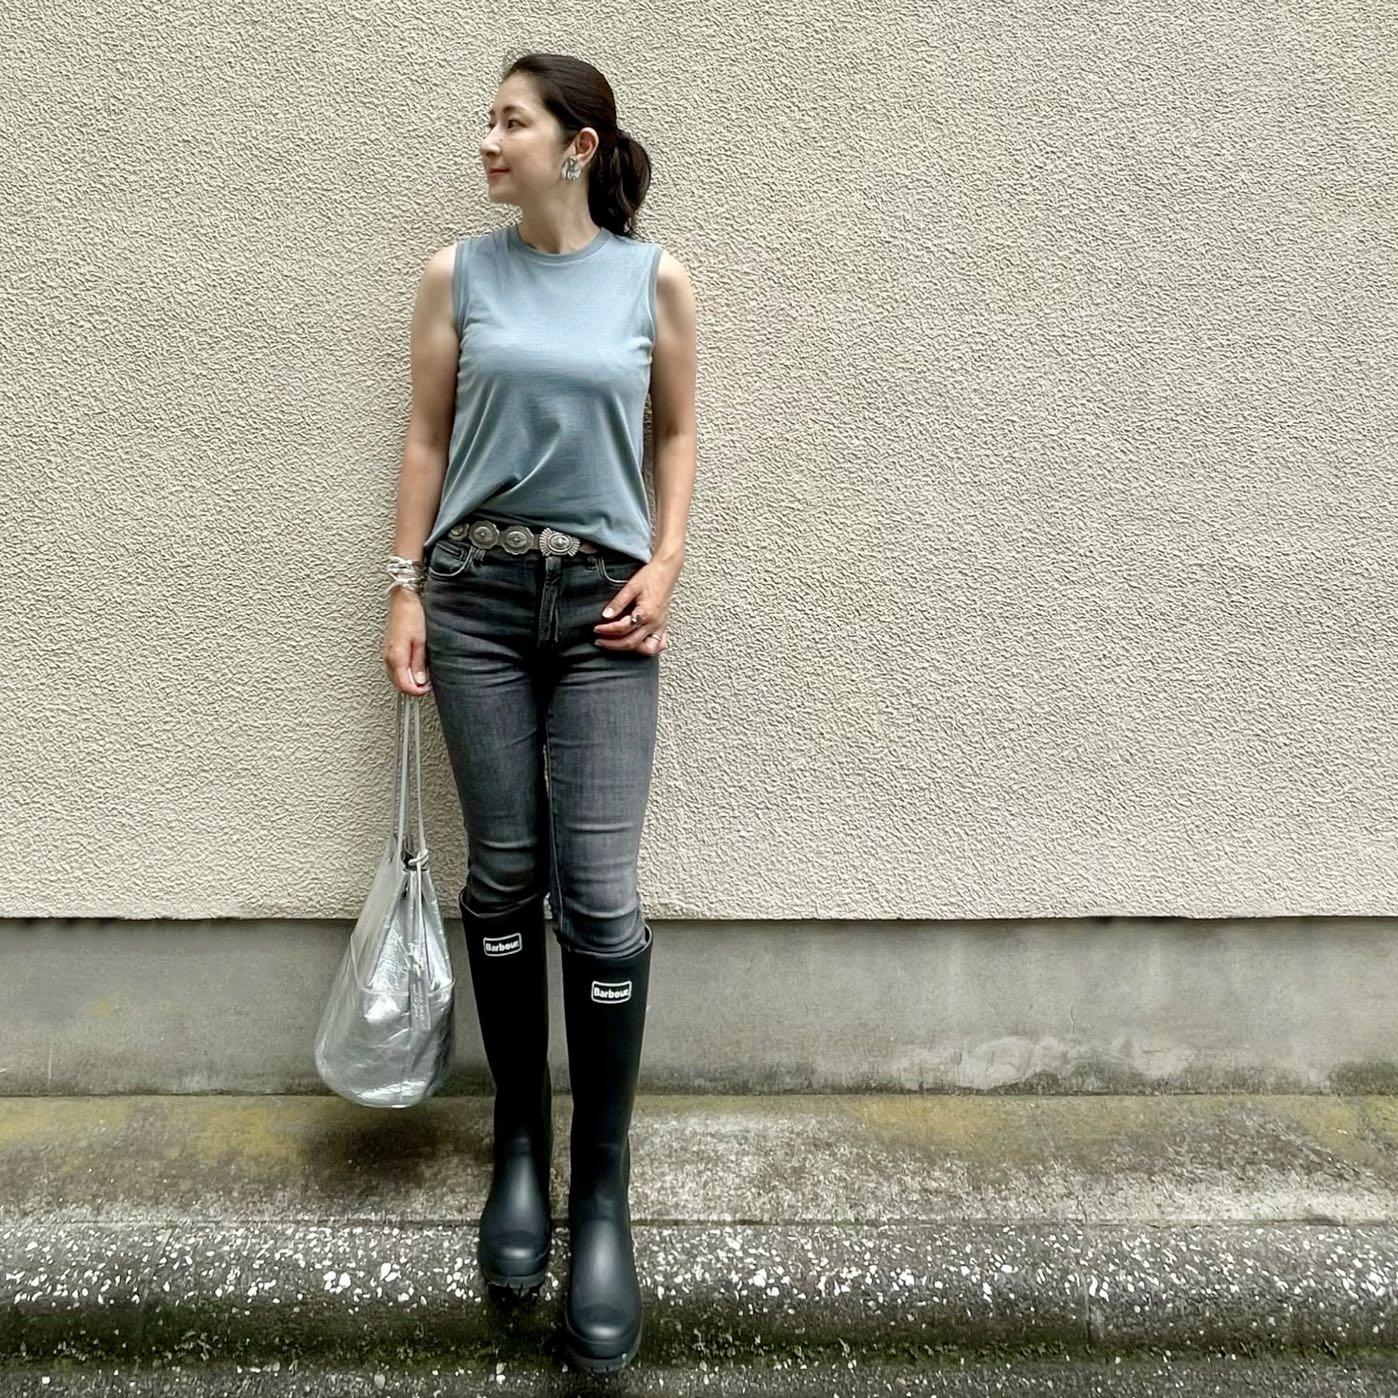 くるみブルーのノースリーブTシャツ、黒デニム、黒のレインブーツ、シルバーのバッグ、コンチョベルト